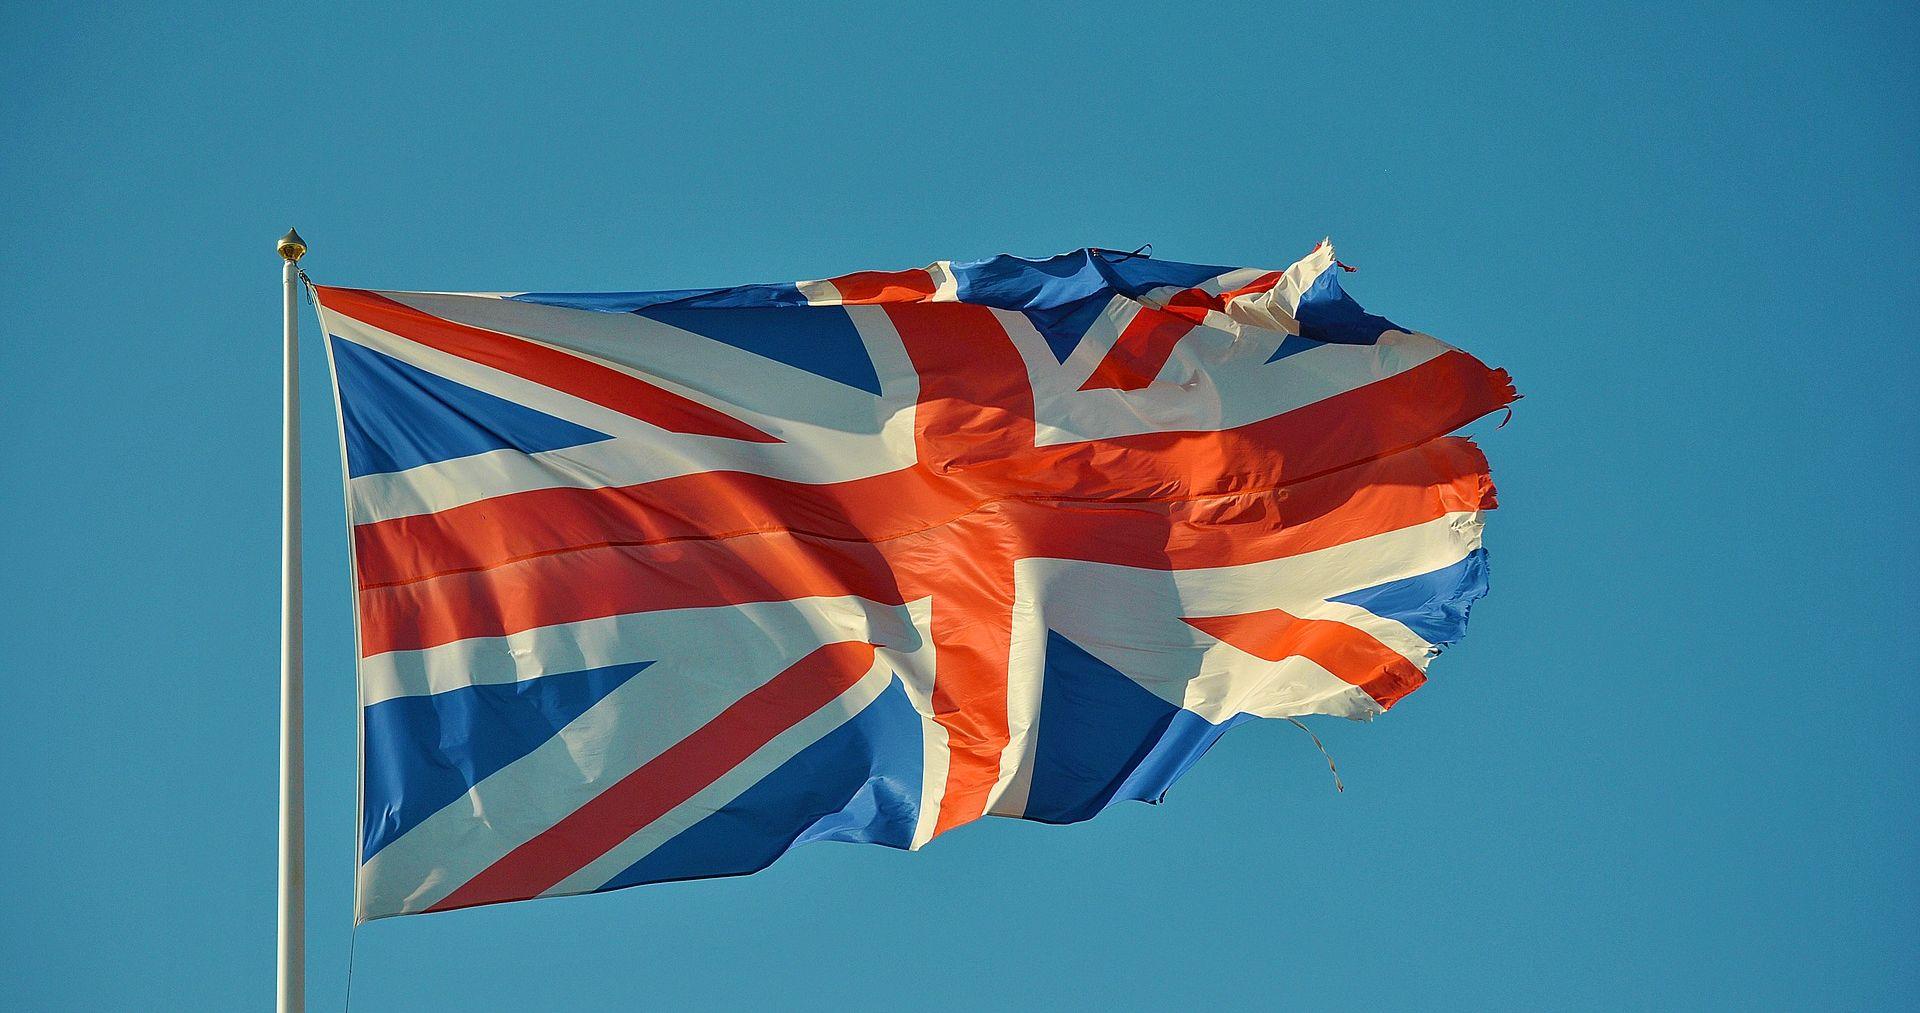 VELIKA BRITANIJA Tri žene optužene za terorizam